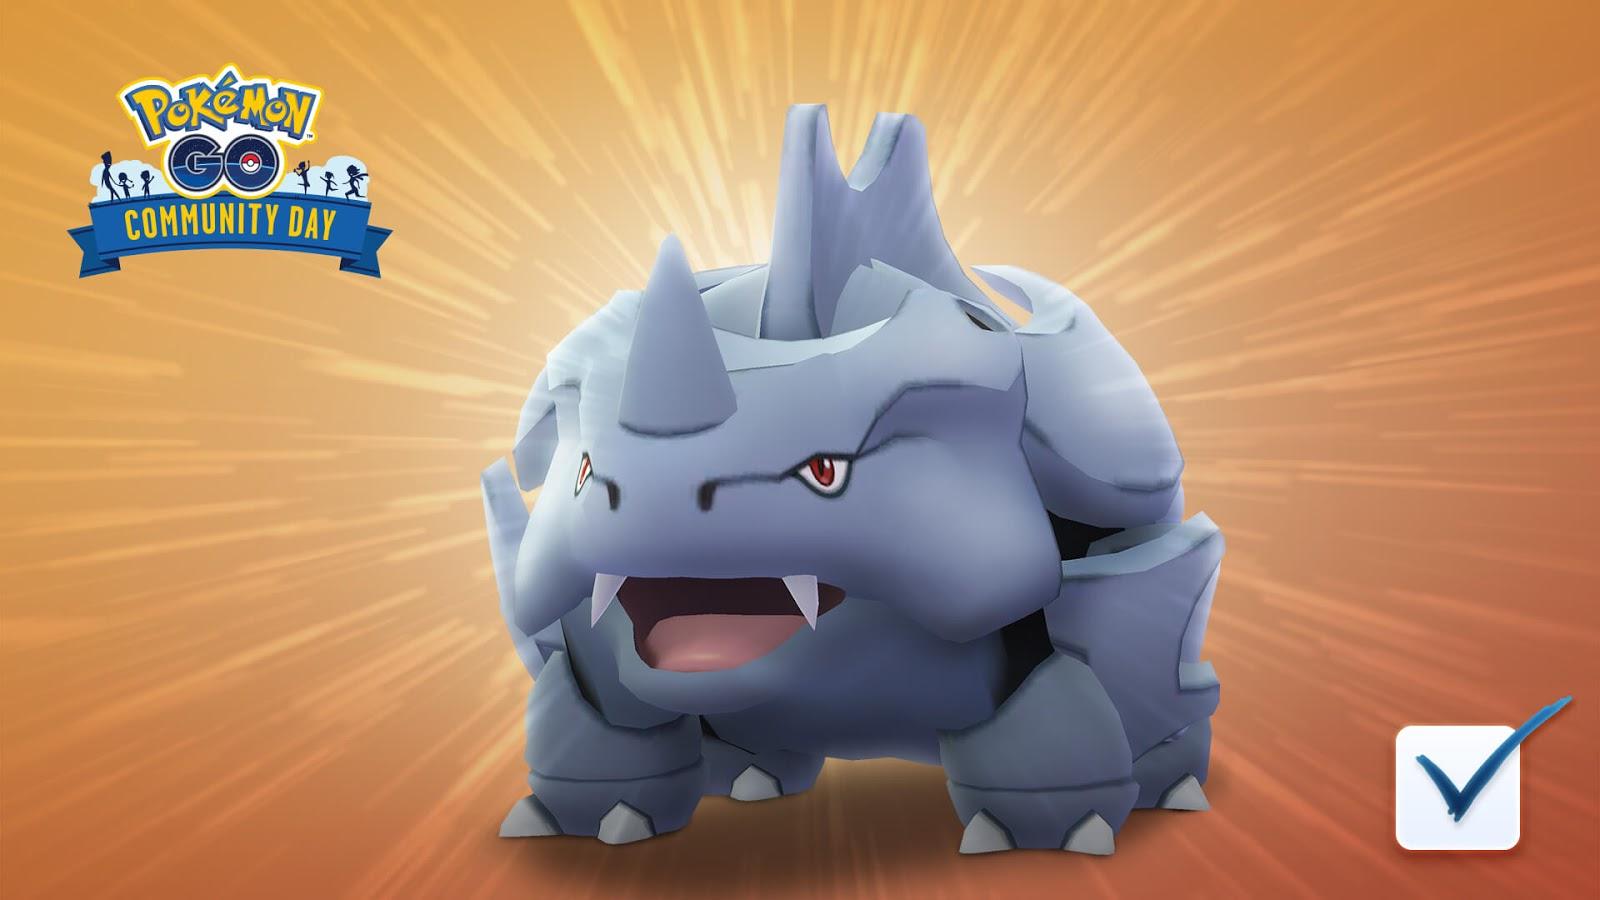 Rhyhorn Dia Comunitário Pokémon GO